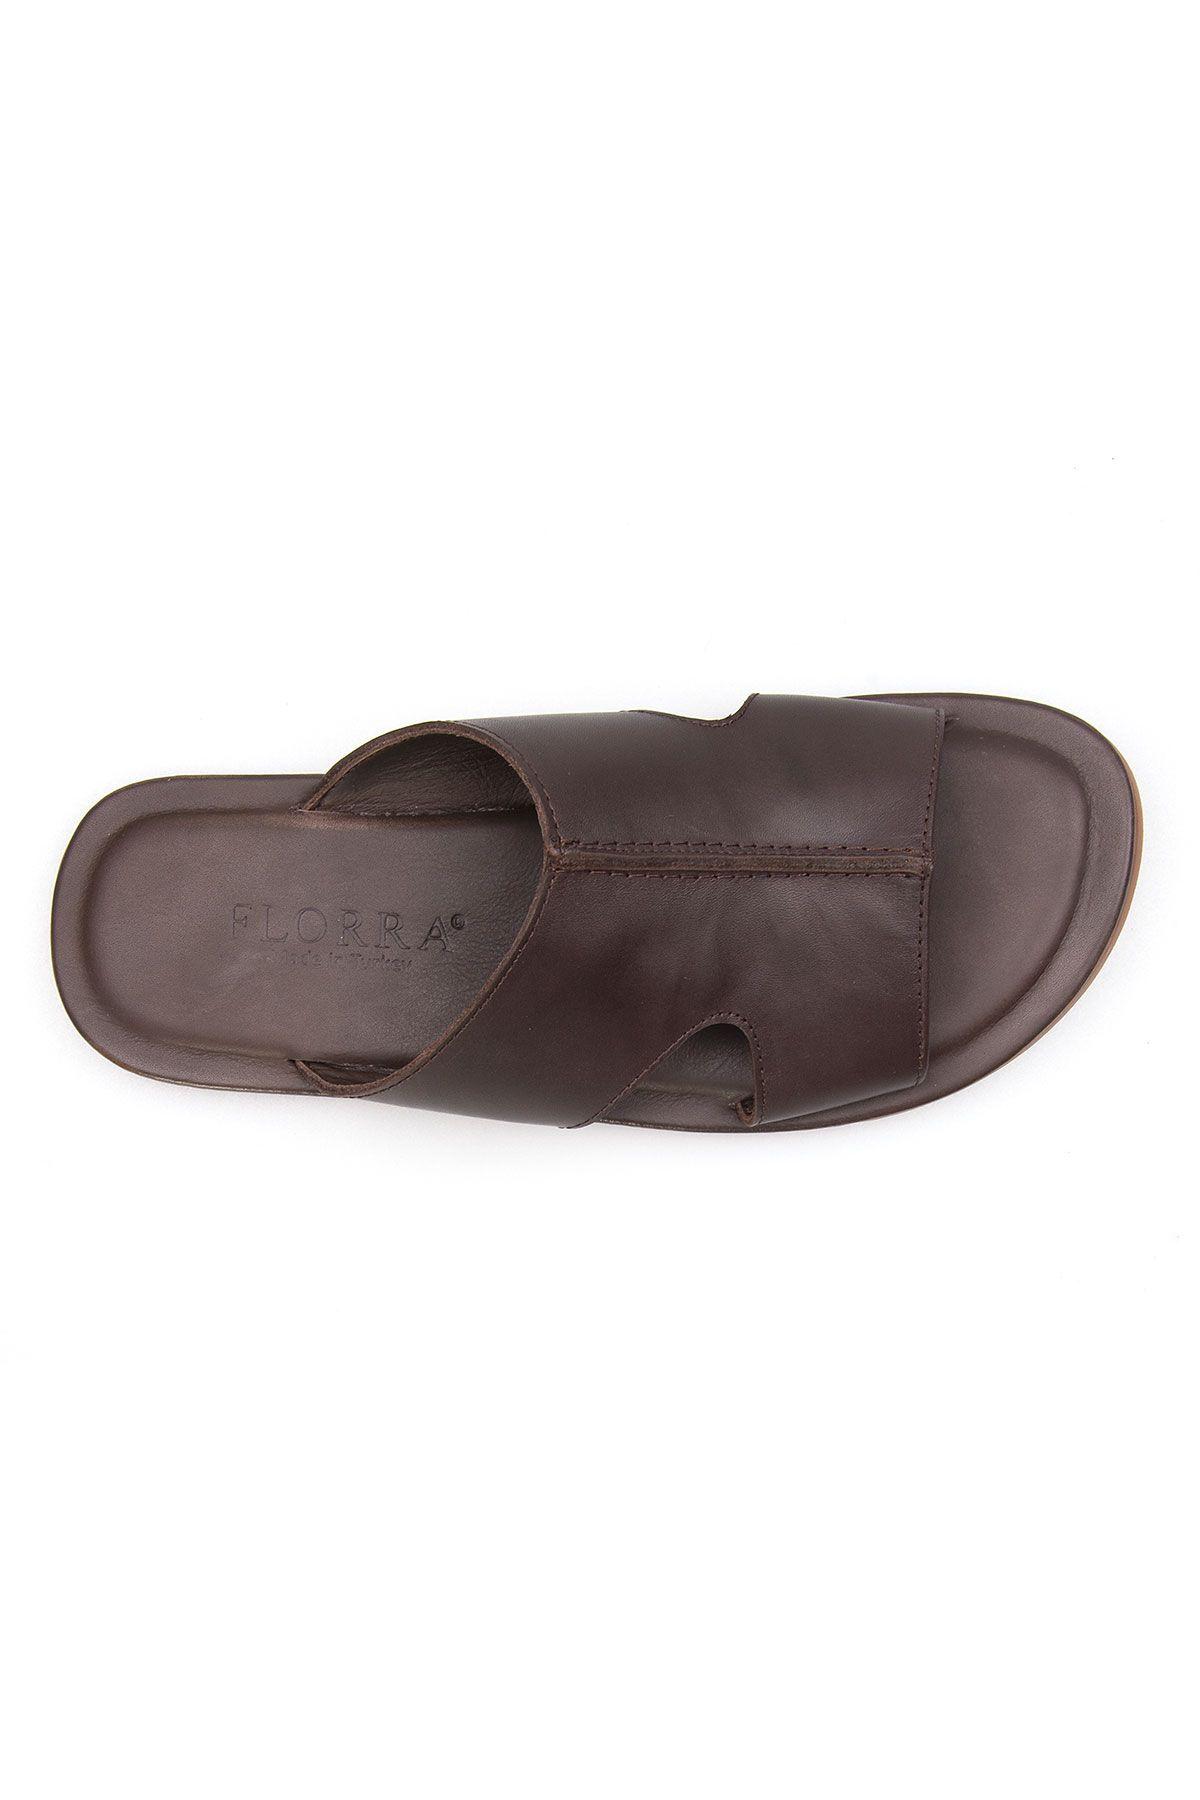 Florra Genuine Leather Men Slippers 203121 Brown